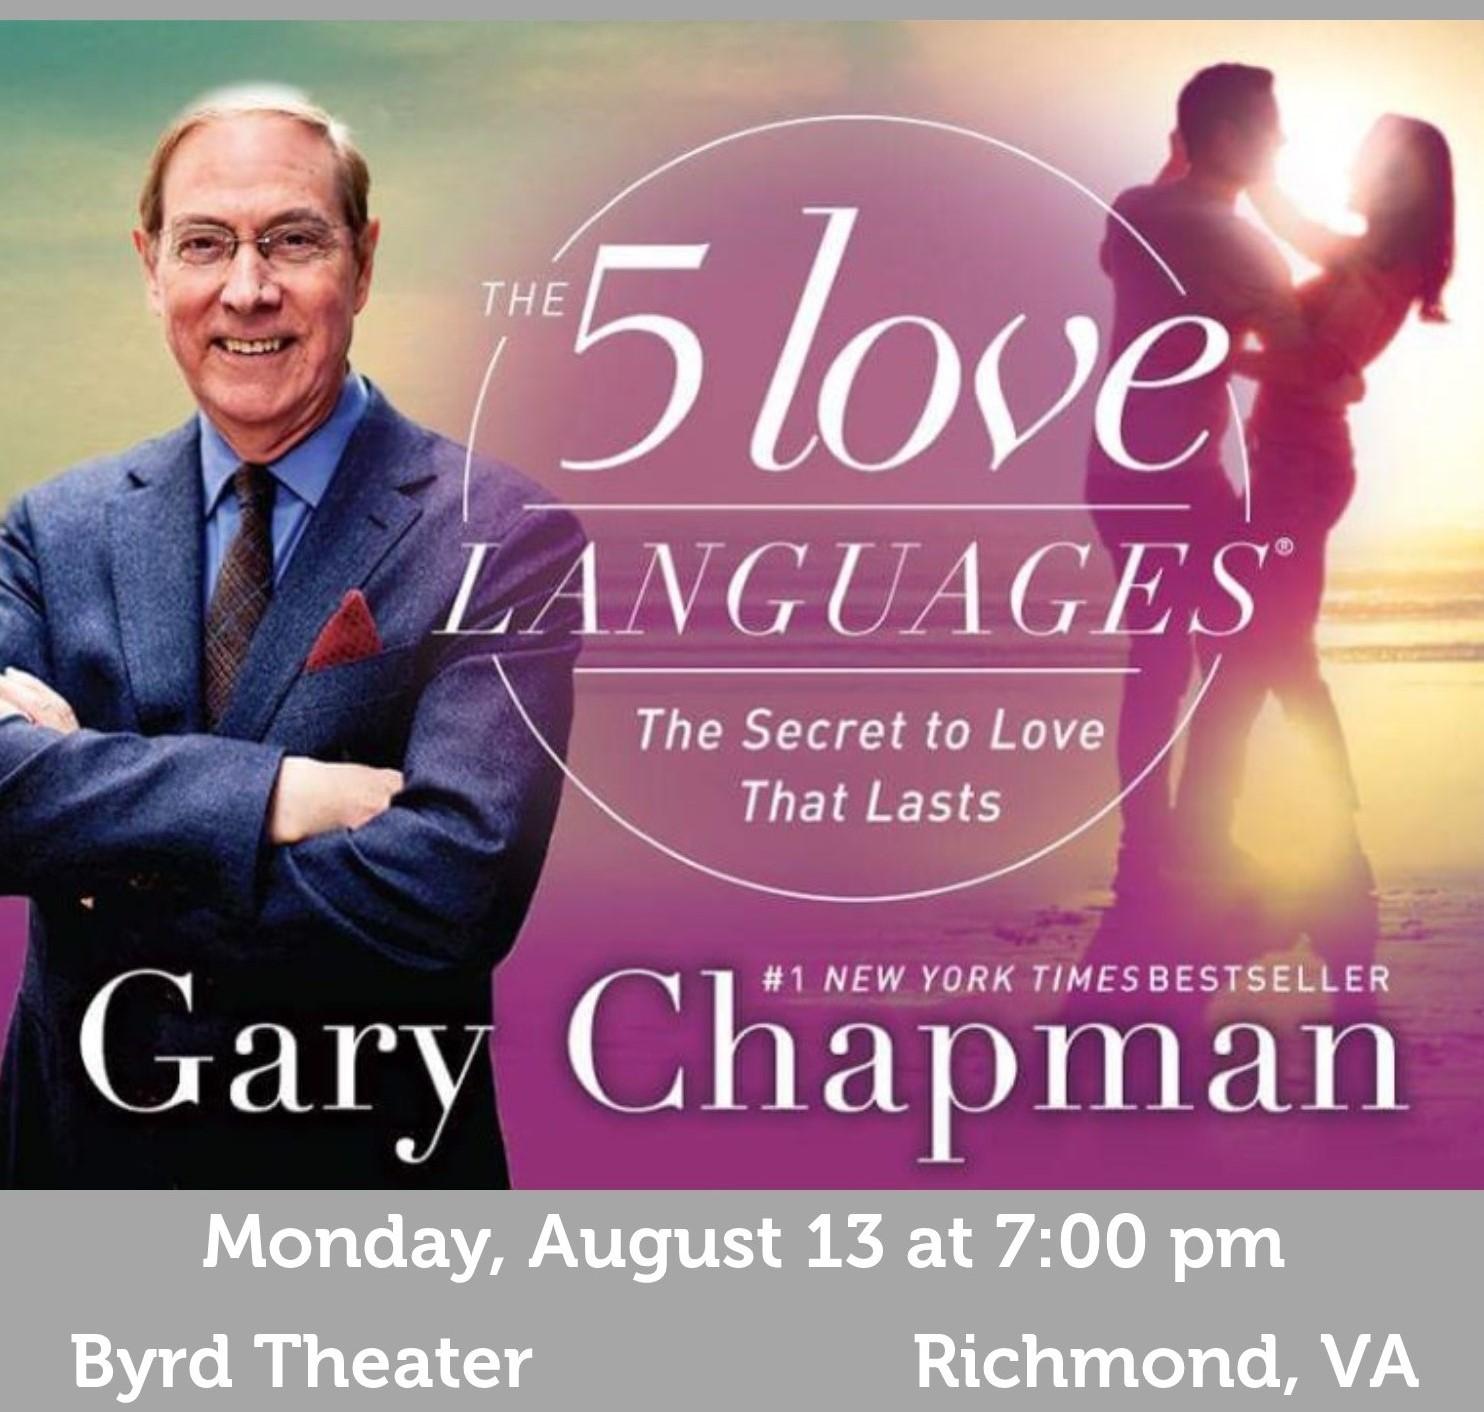 Date Night Gary Chapman And The 5 Love Languages Rfva